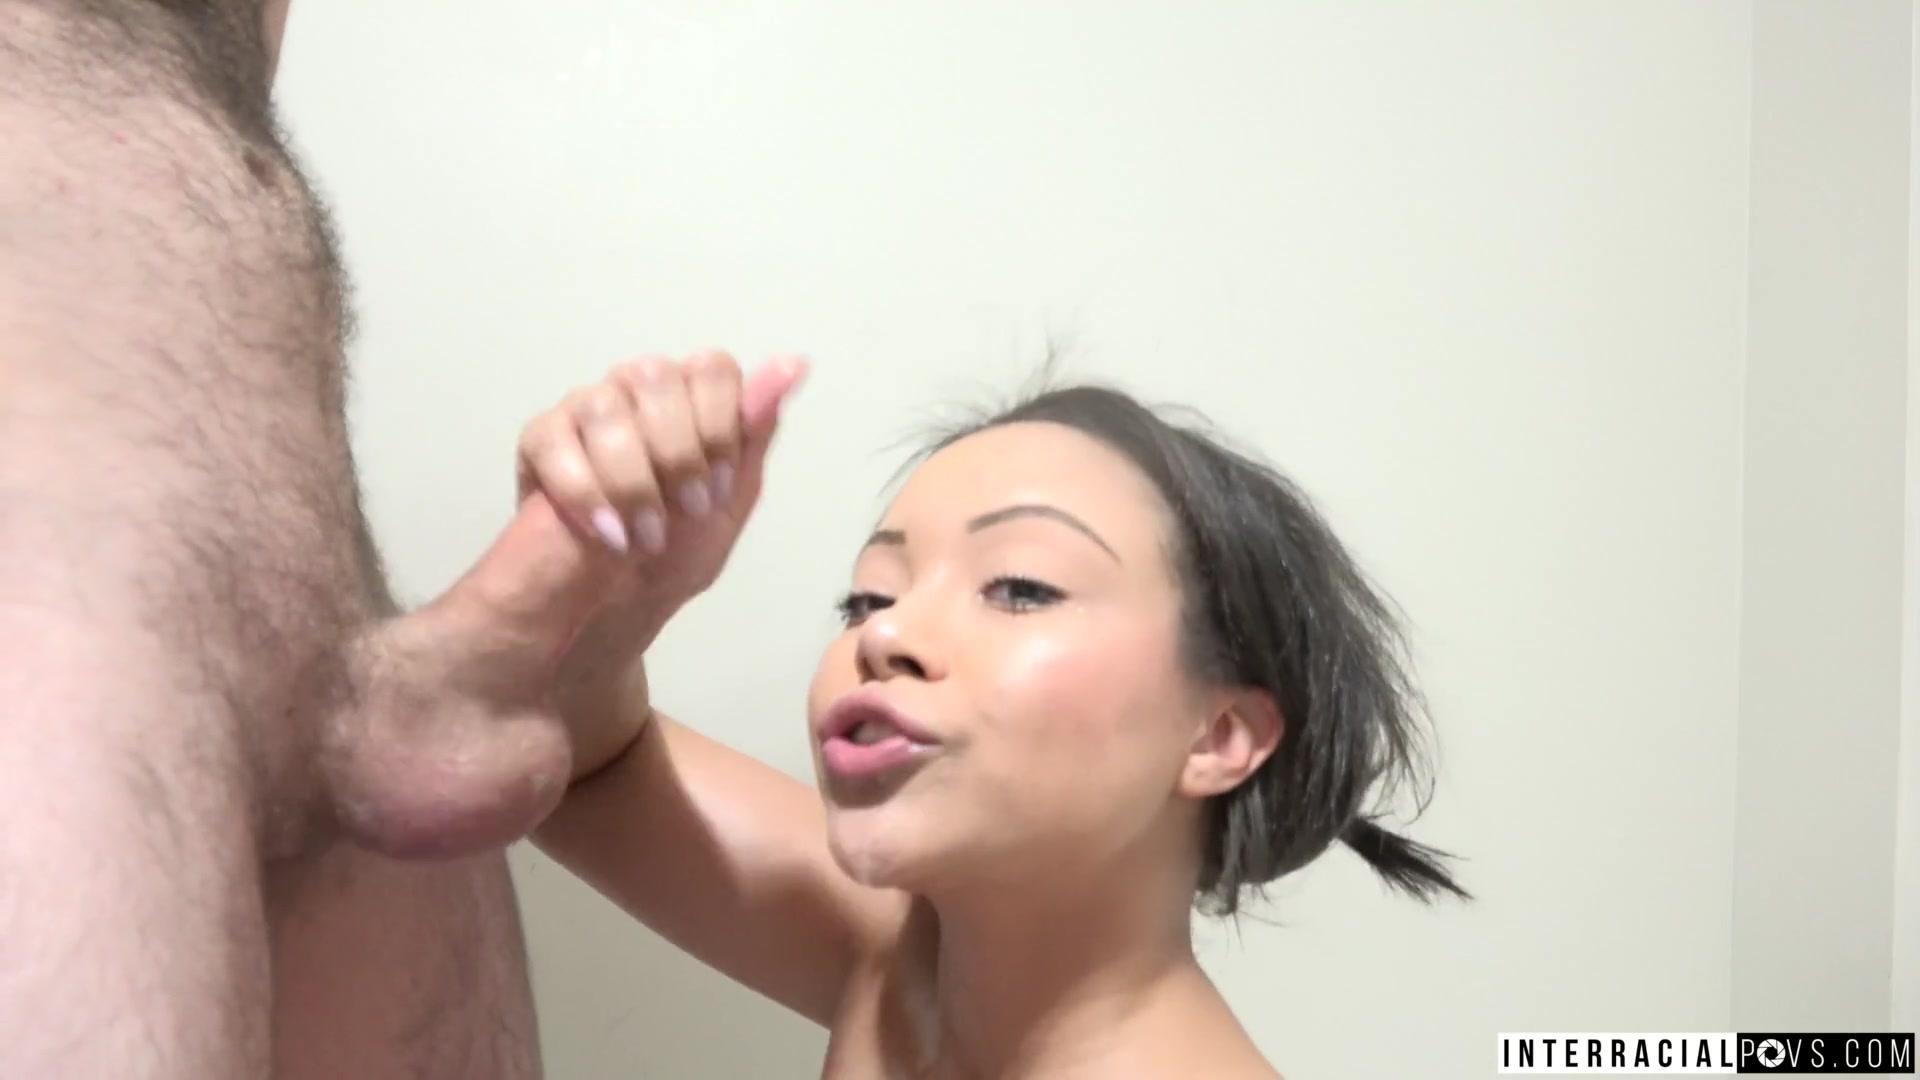 Interracial POV S – Adriana Maya